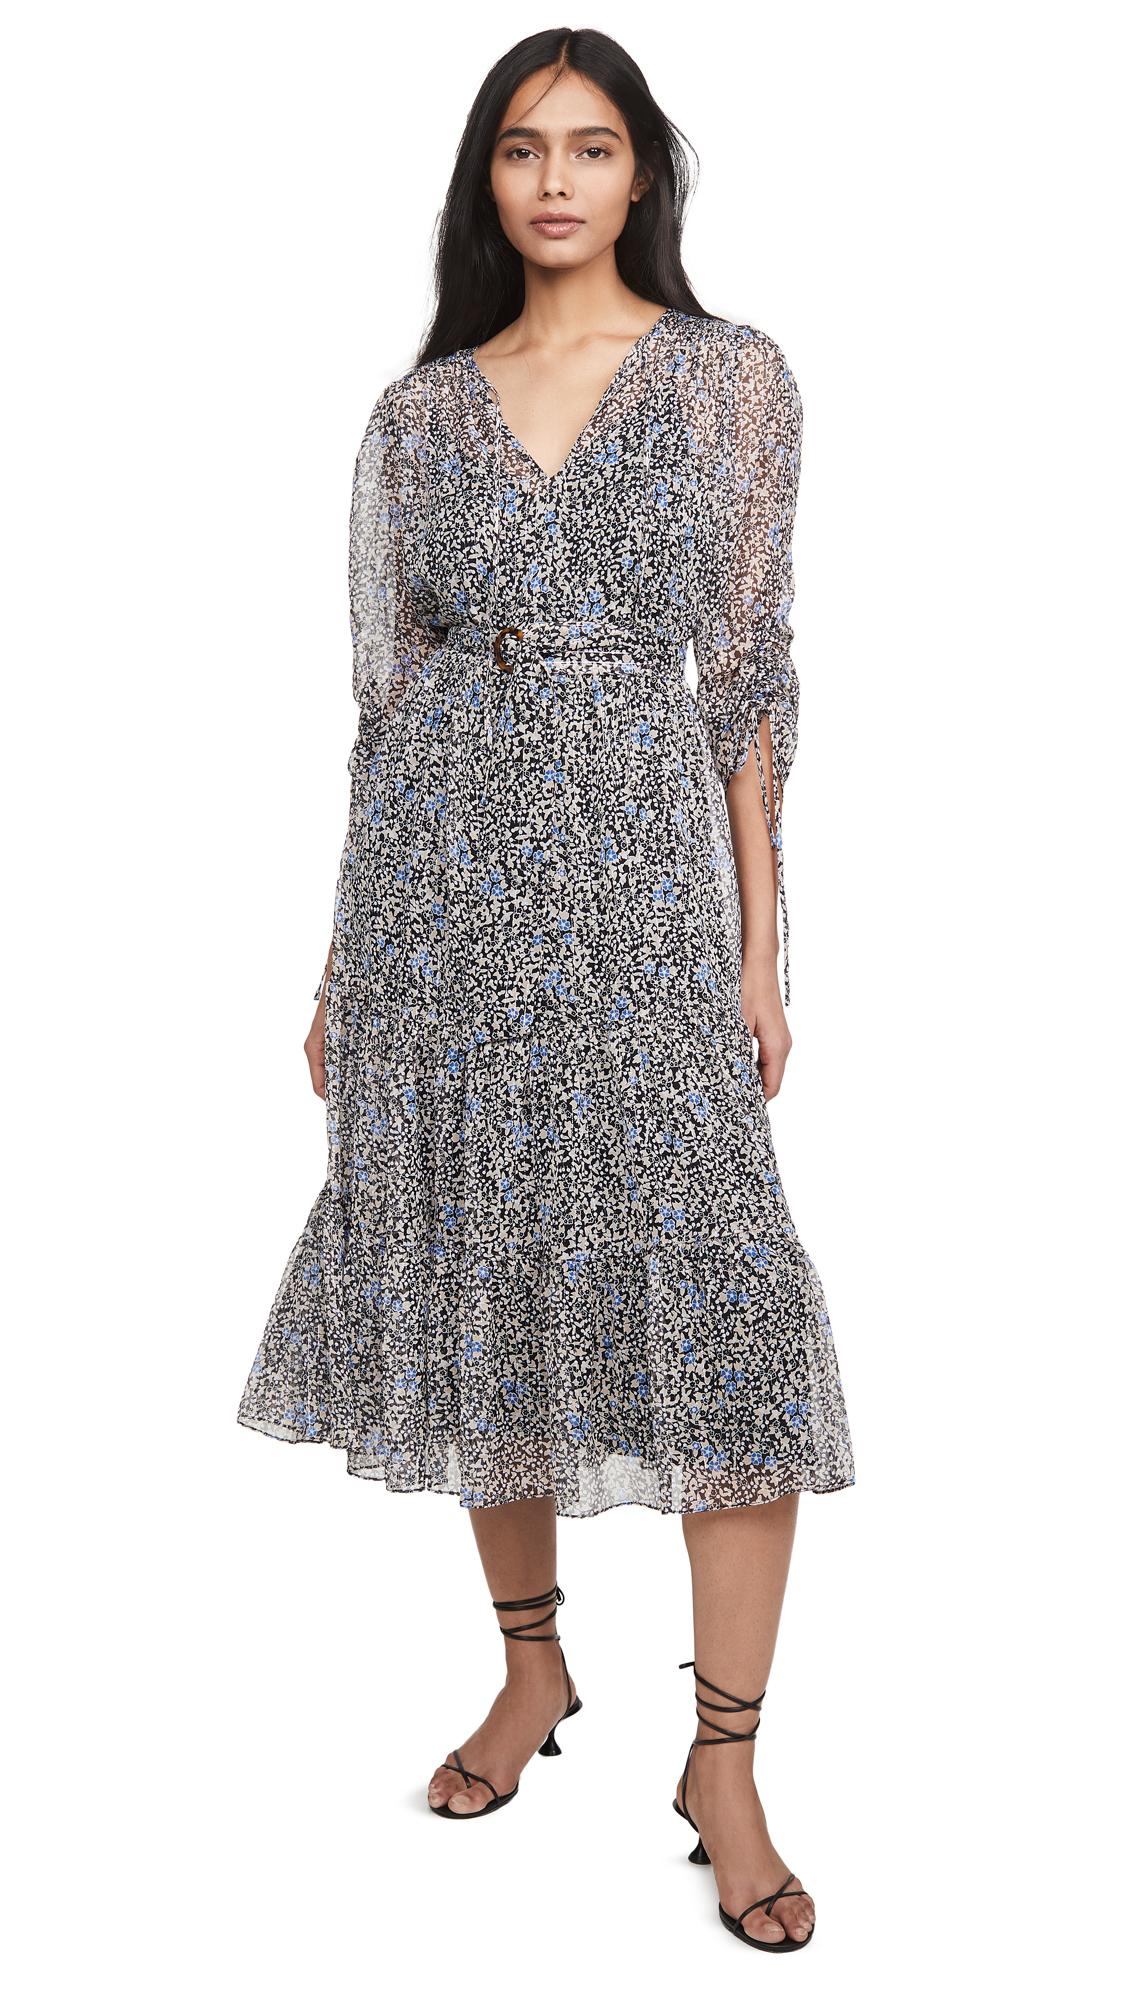 Shoshanna Rufina Dress - 50% Off Sale